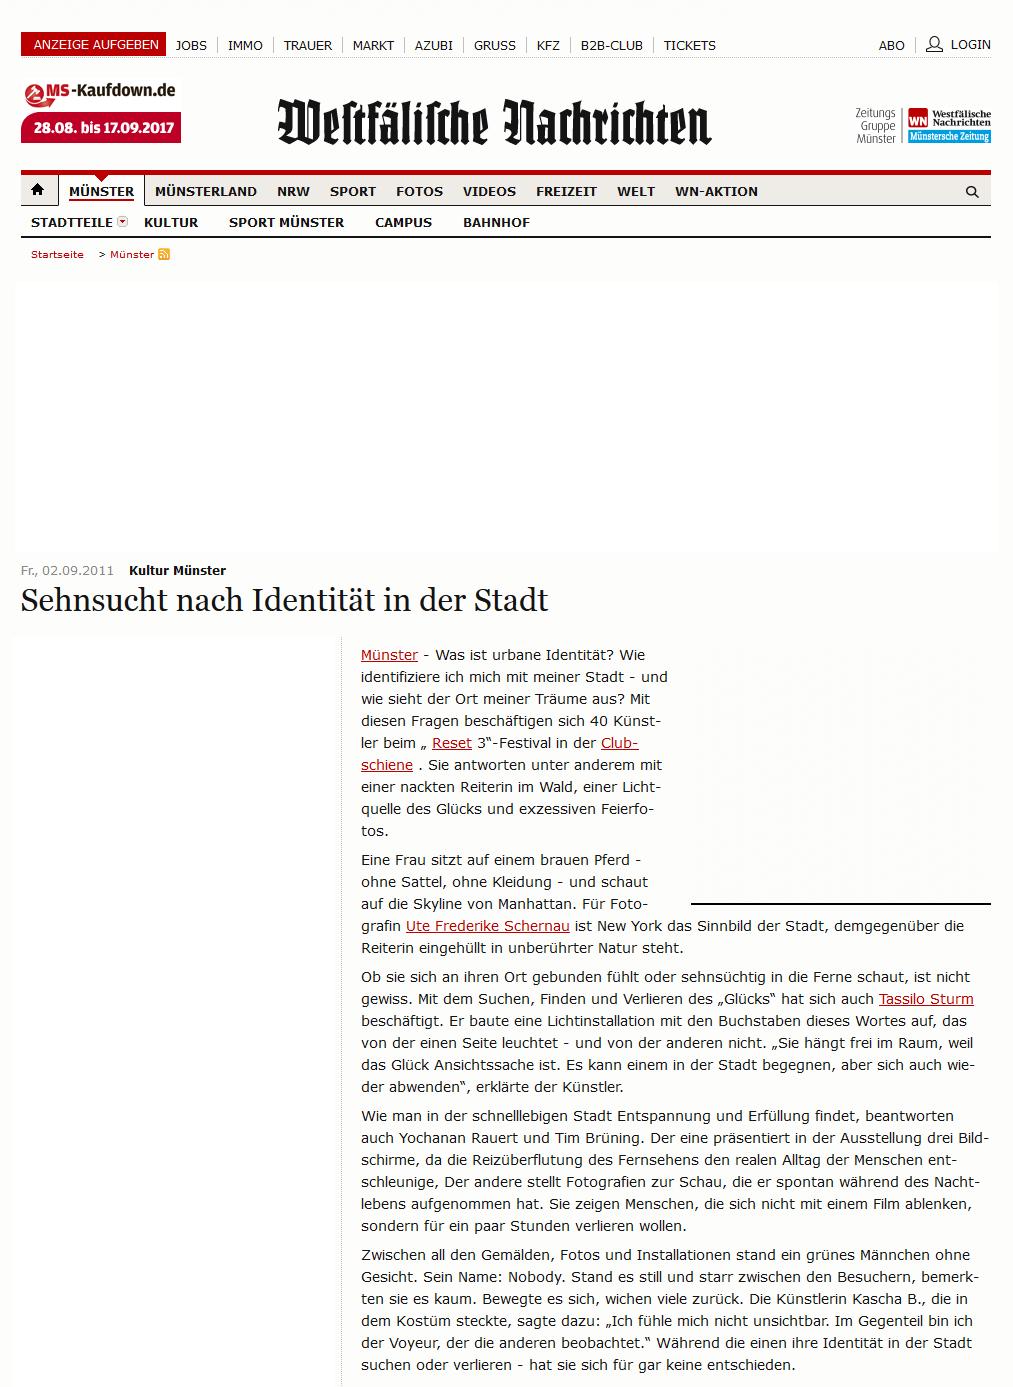 Presse am Fr., 02.09.2011